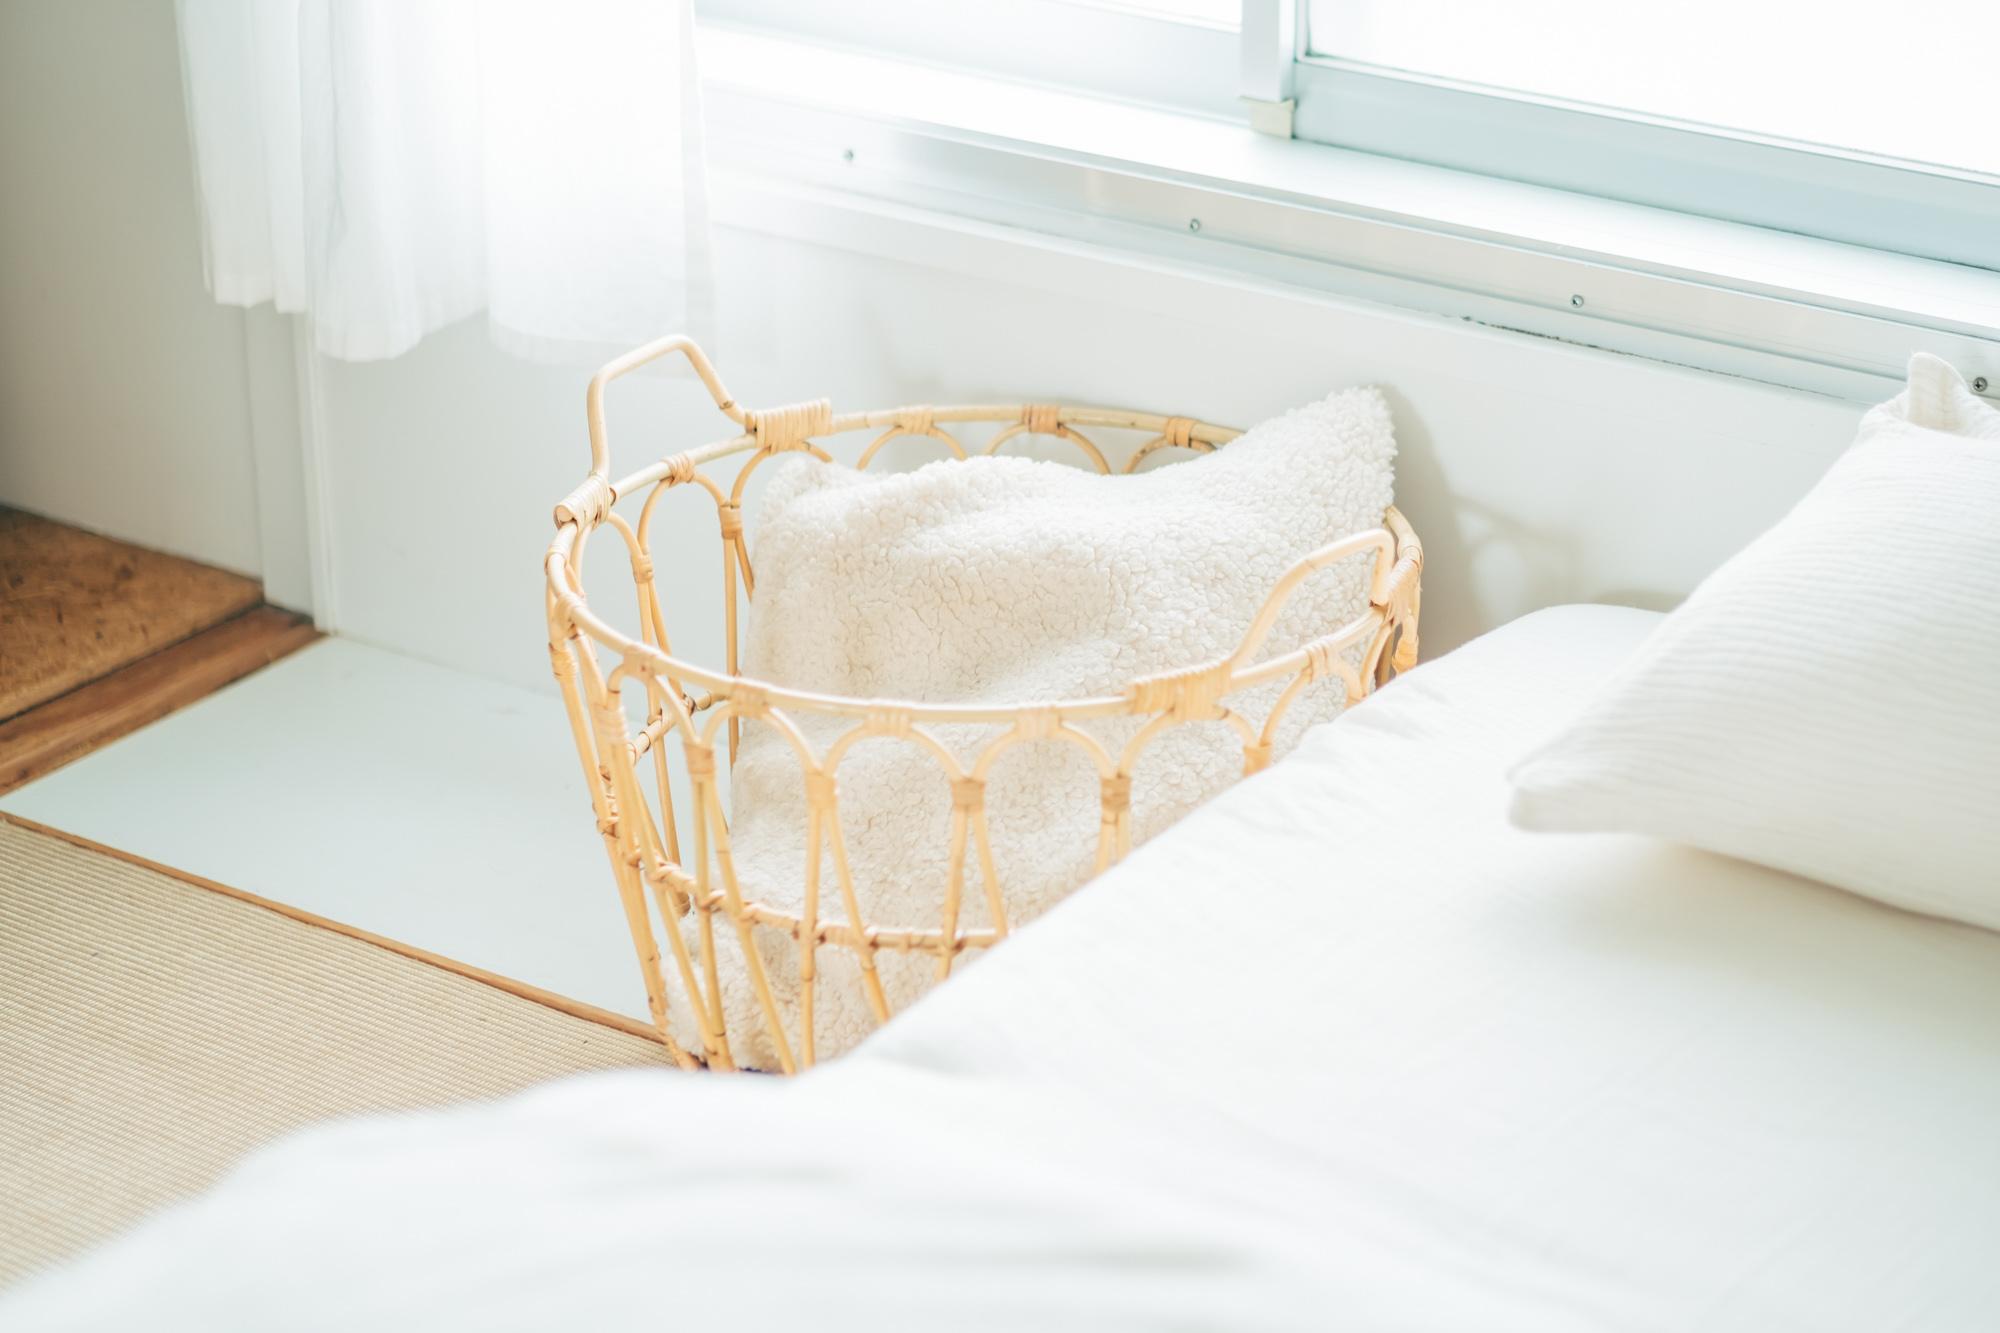 家具だけでなく、お部屋の随所に置かれた小物も、木や自然の素材を使ったものが多いです。